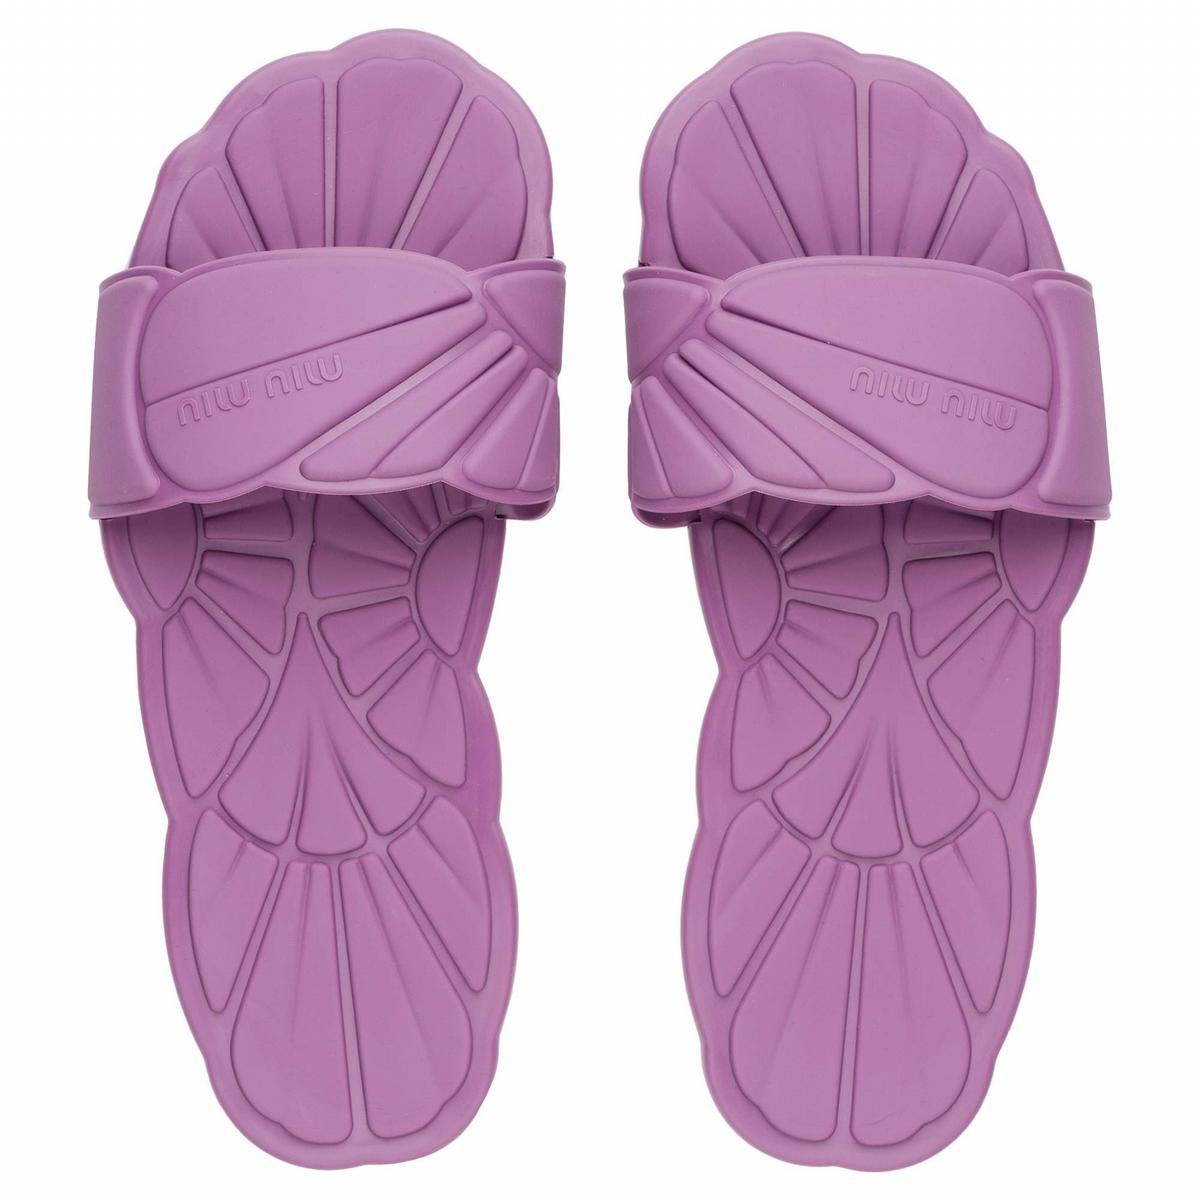 Miu Miu打造超甜美夢幻拖鞋 讓妳每一步都充滿度假FU